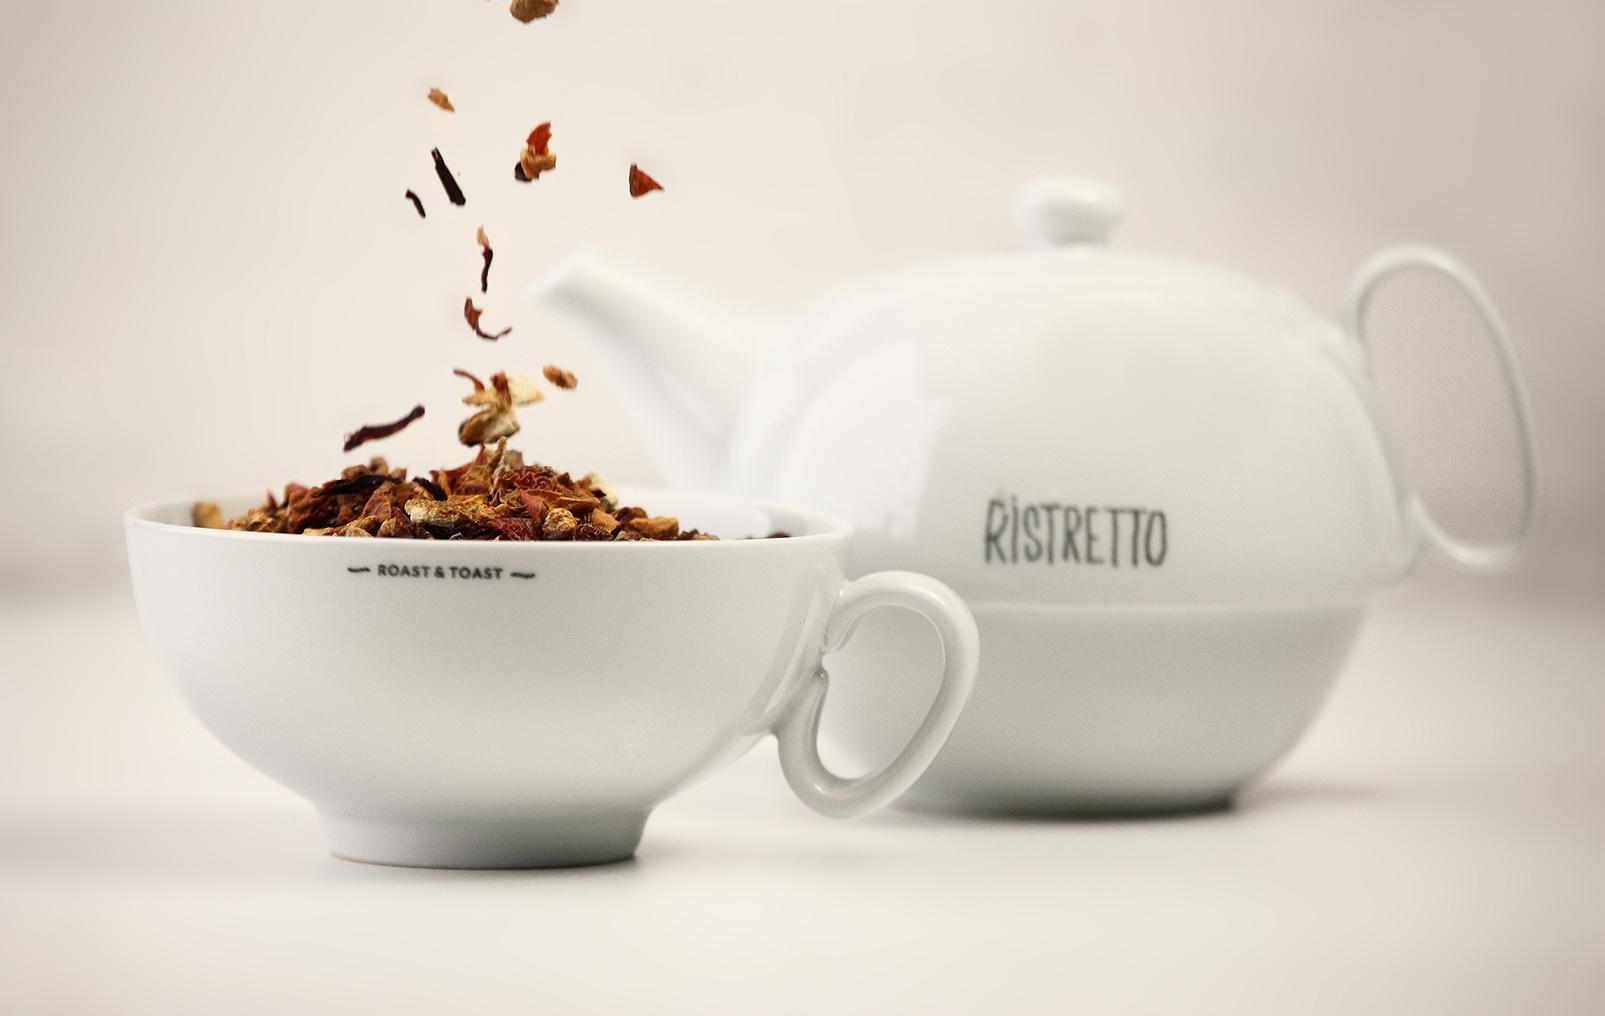 Culorile toamnei în ceaşca de cafea Ristretto